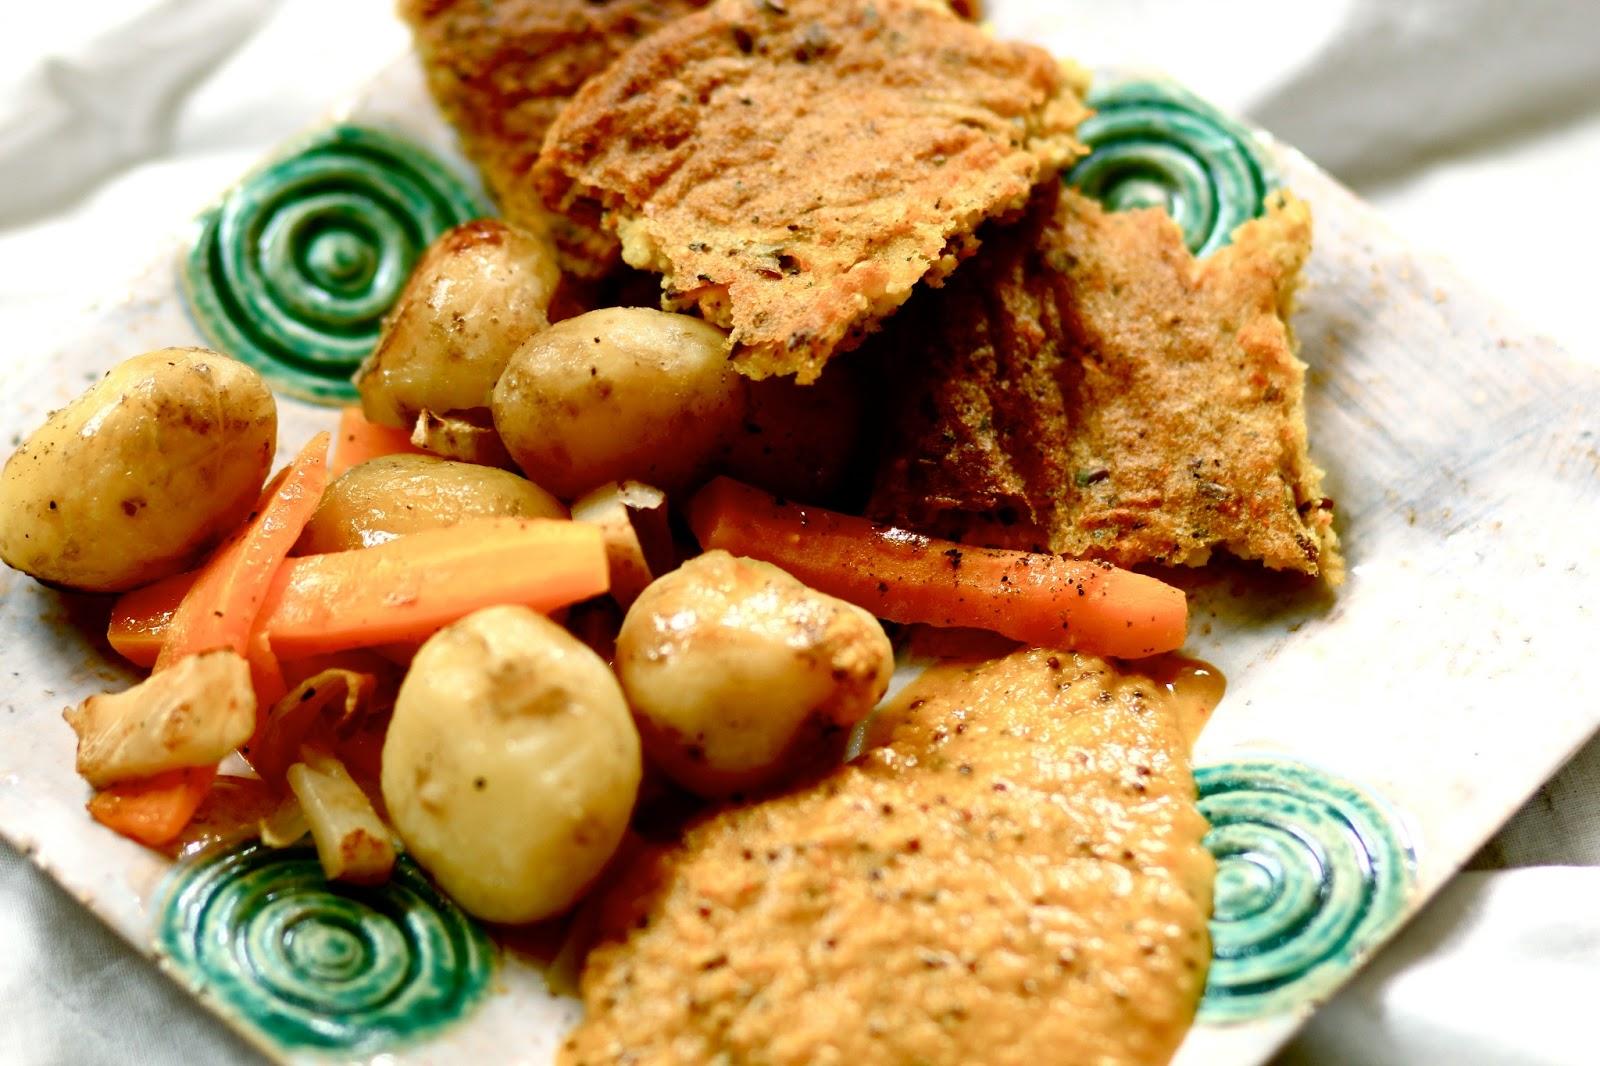 Chlebki jaglano-ryżowe z jasminowym zapachem i chutney marchewkowy